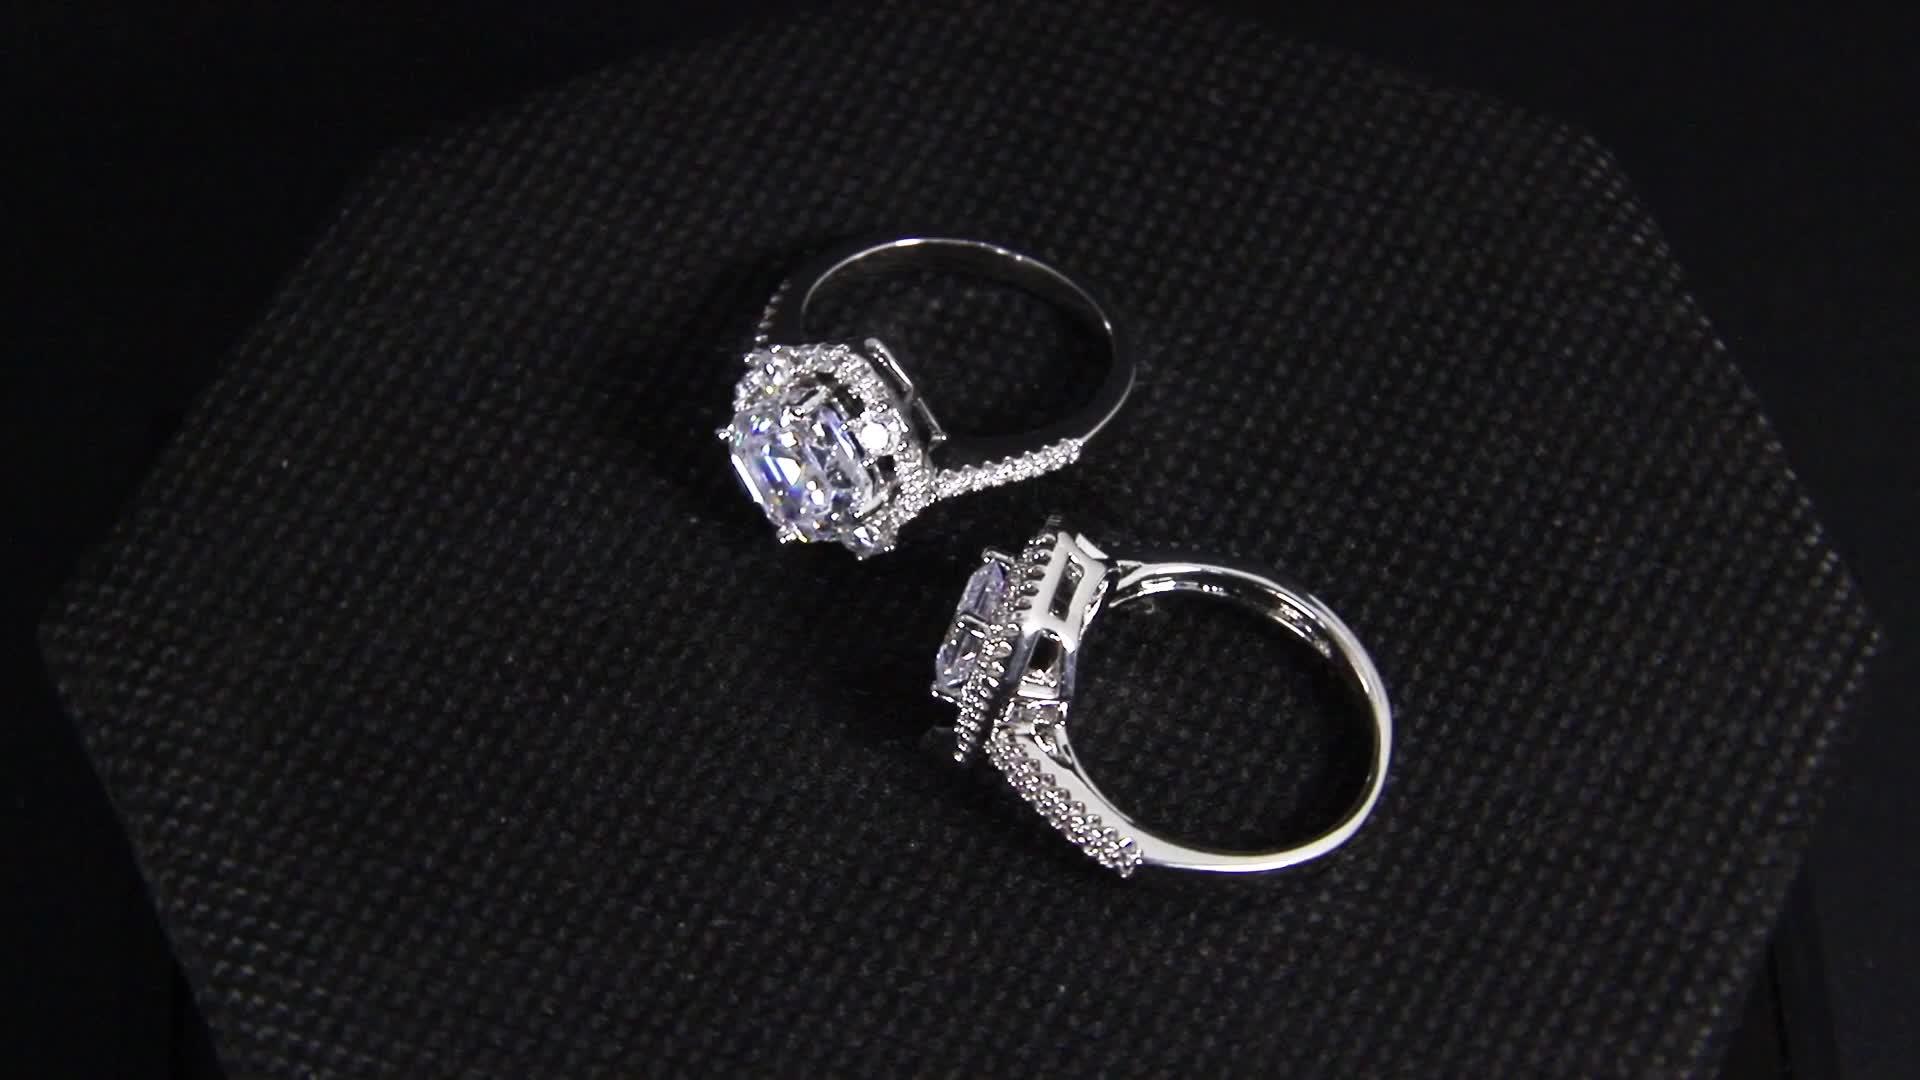 Groothandel van mode van american vergulde verharde diamanten ring, vrouw sieraden 18k gouden ring